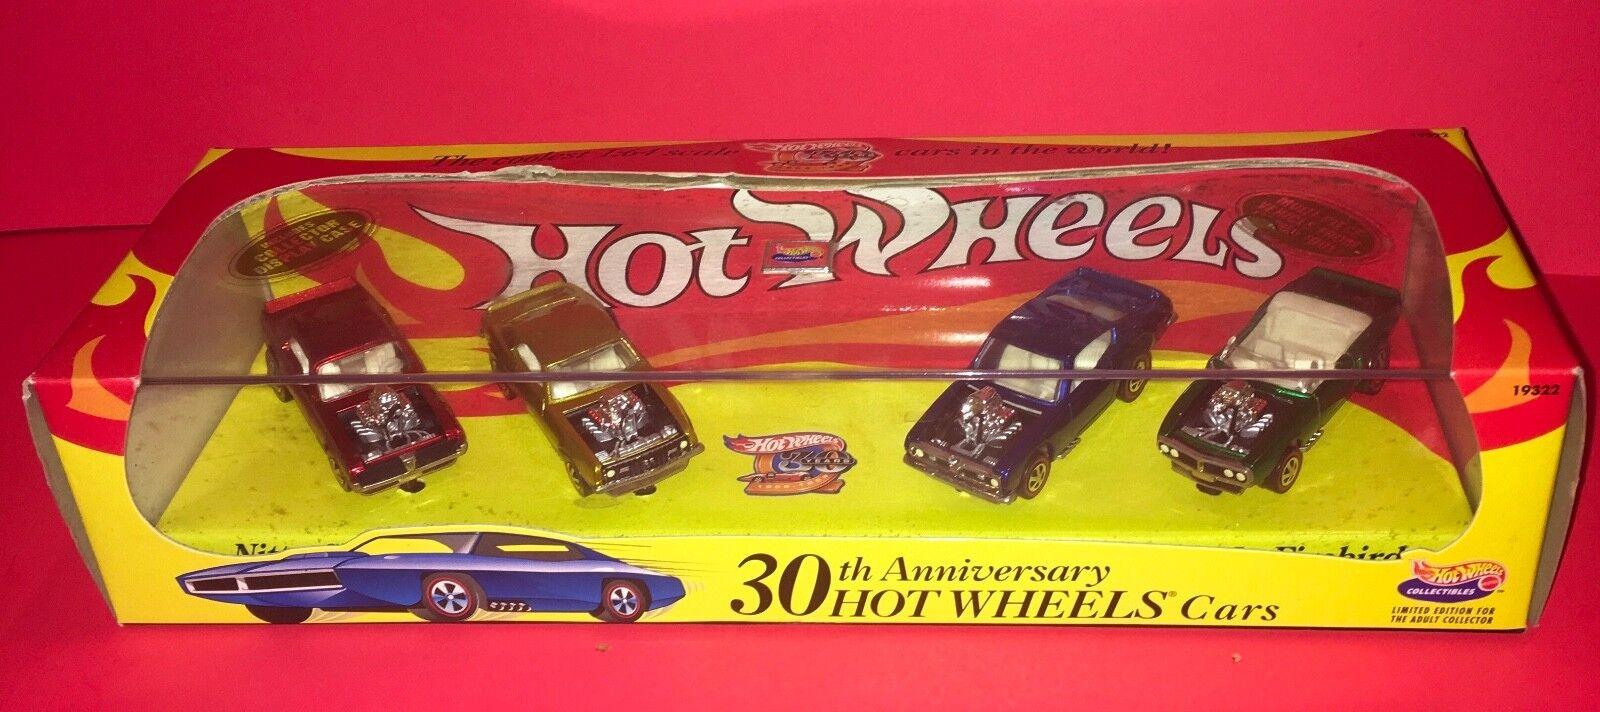 1998 Hot Wheels 30th Aniversario De Autos Hot Wheels 4 Coche Nuevo Conjunto en caja